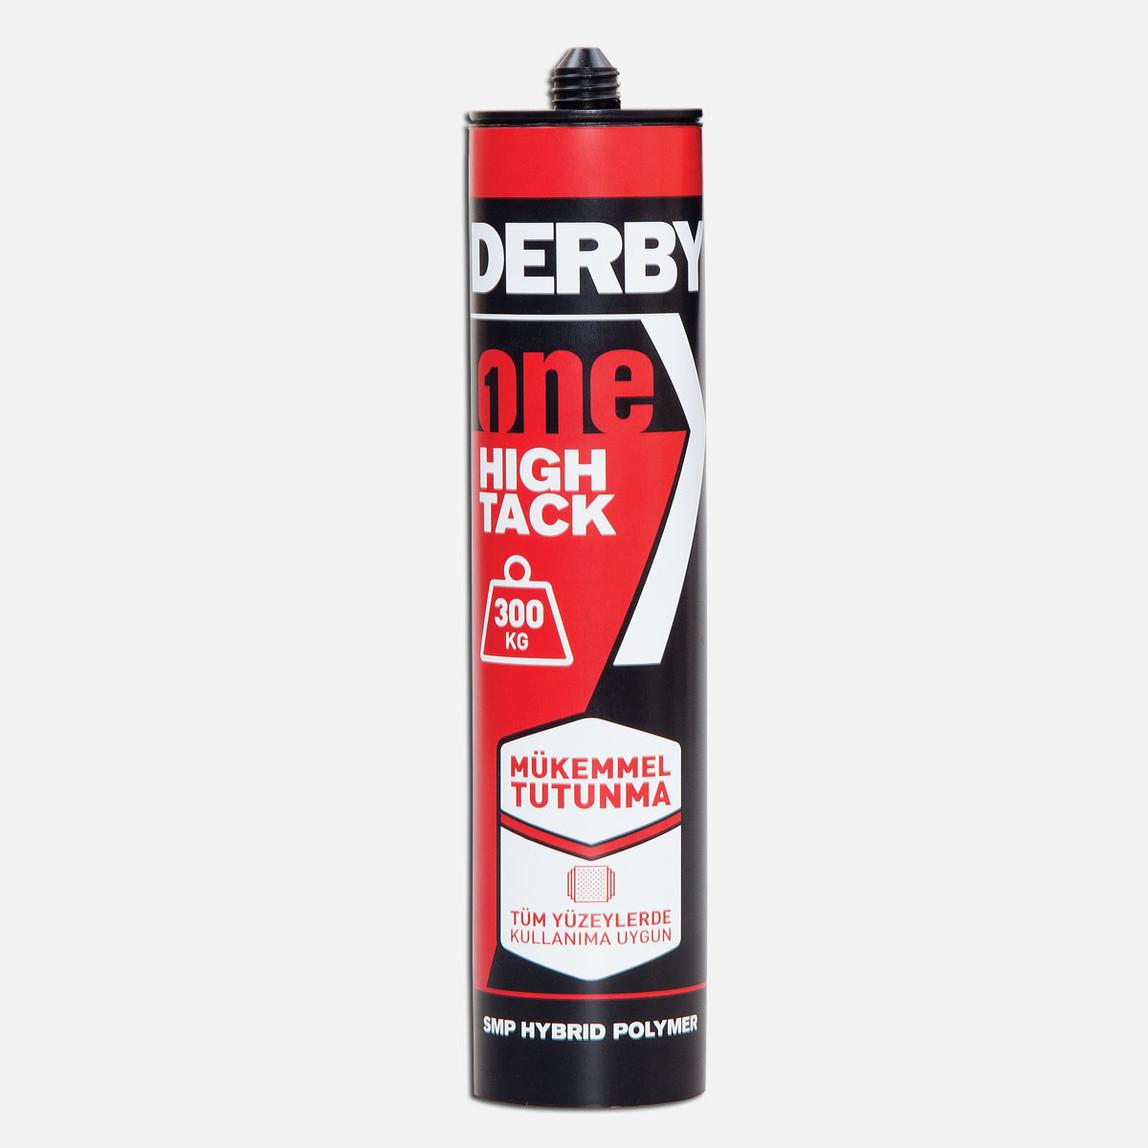 Derby One Hıgh Tack 290ml